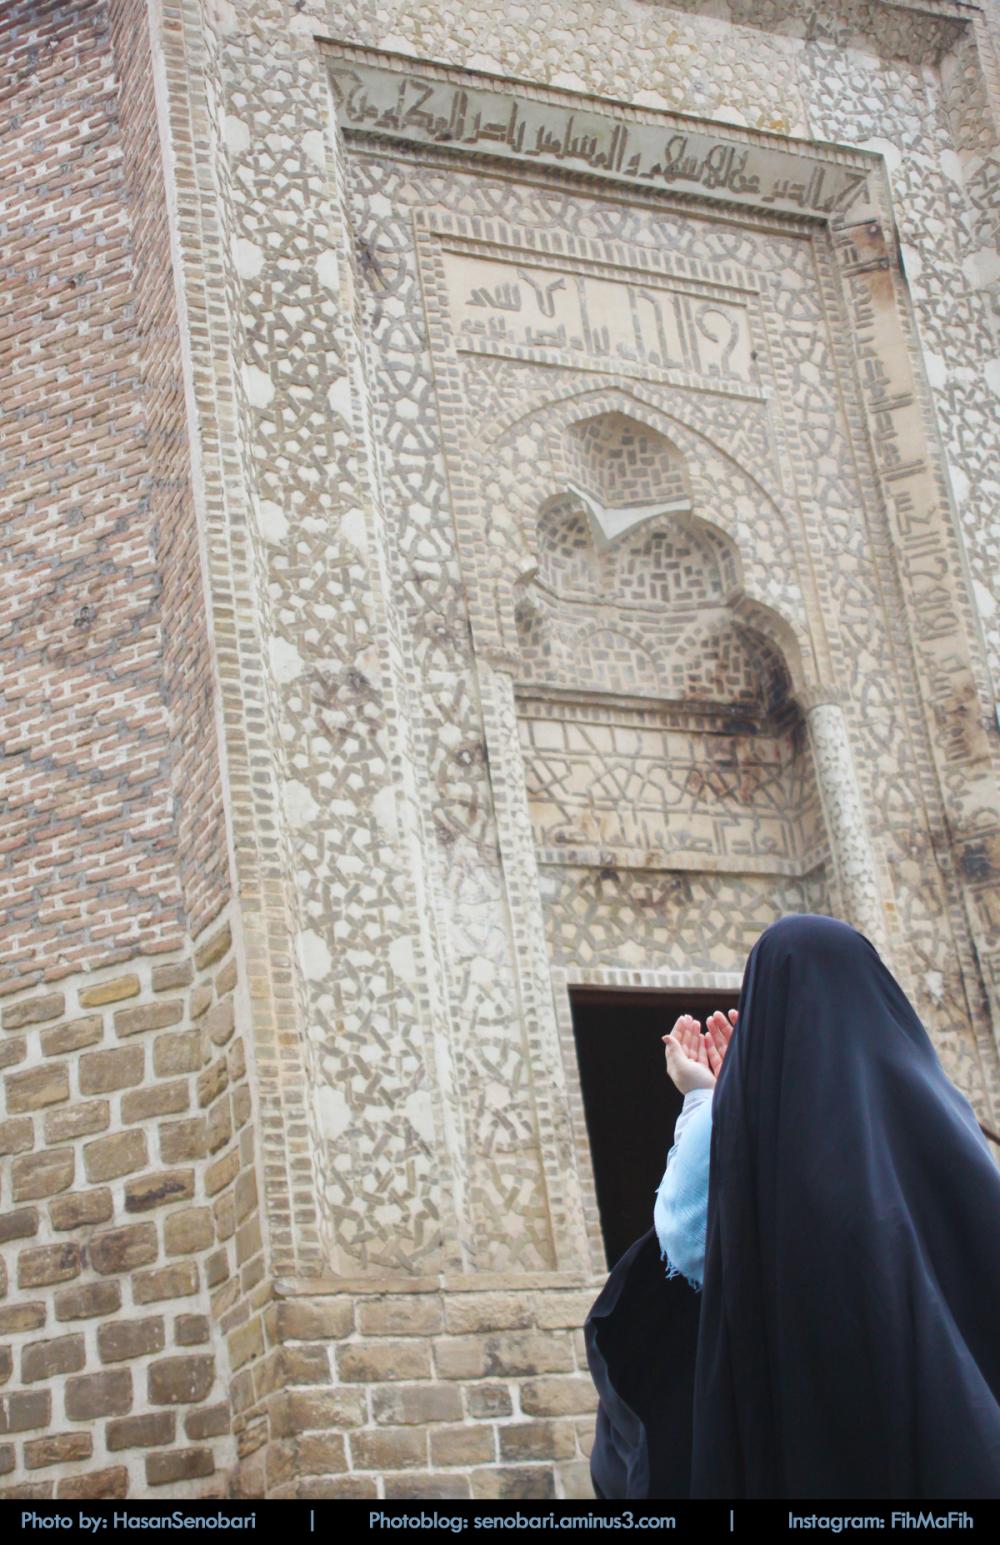 نماز + معماری + بنای برج سه گنبد در ارومیه + Urmia